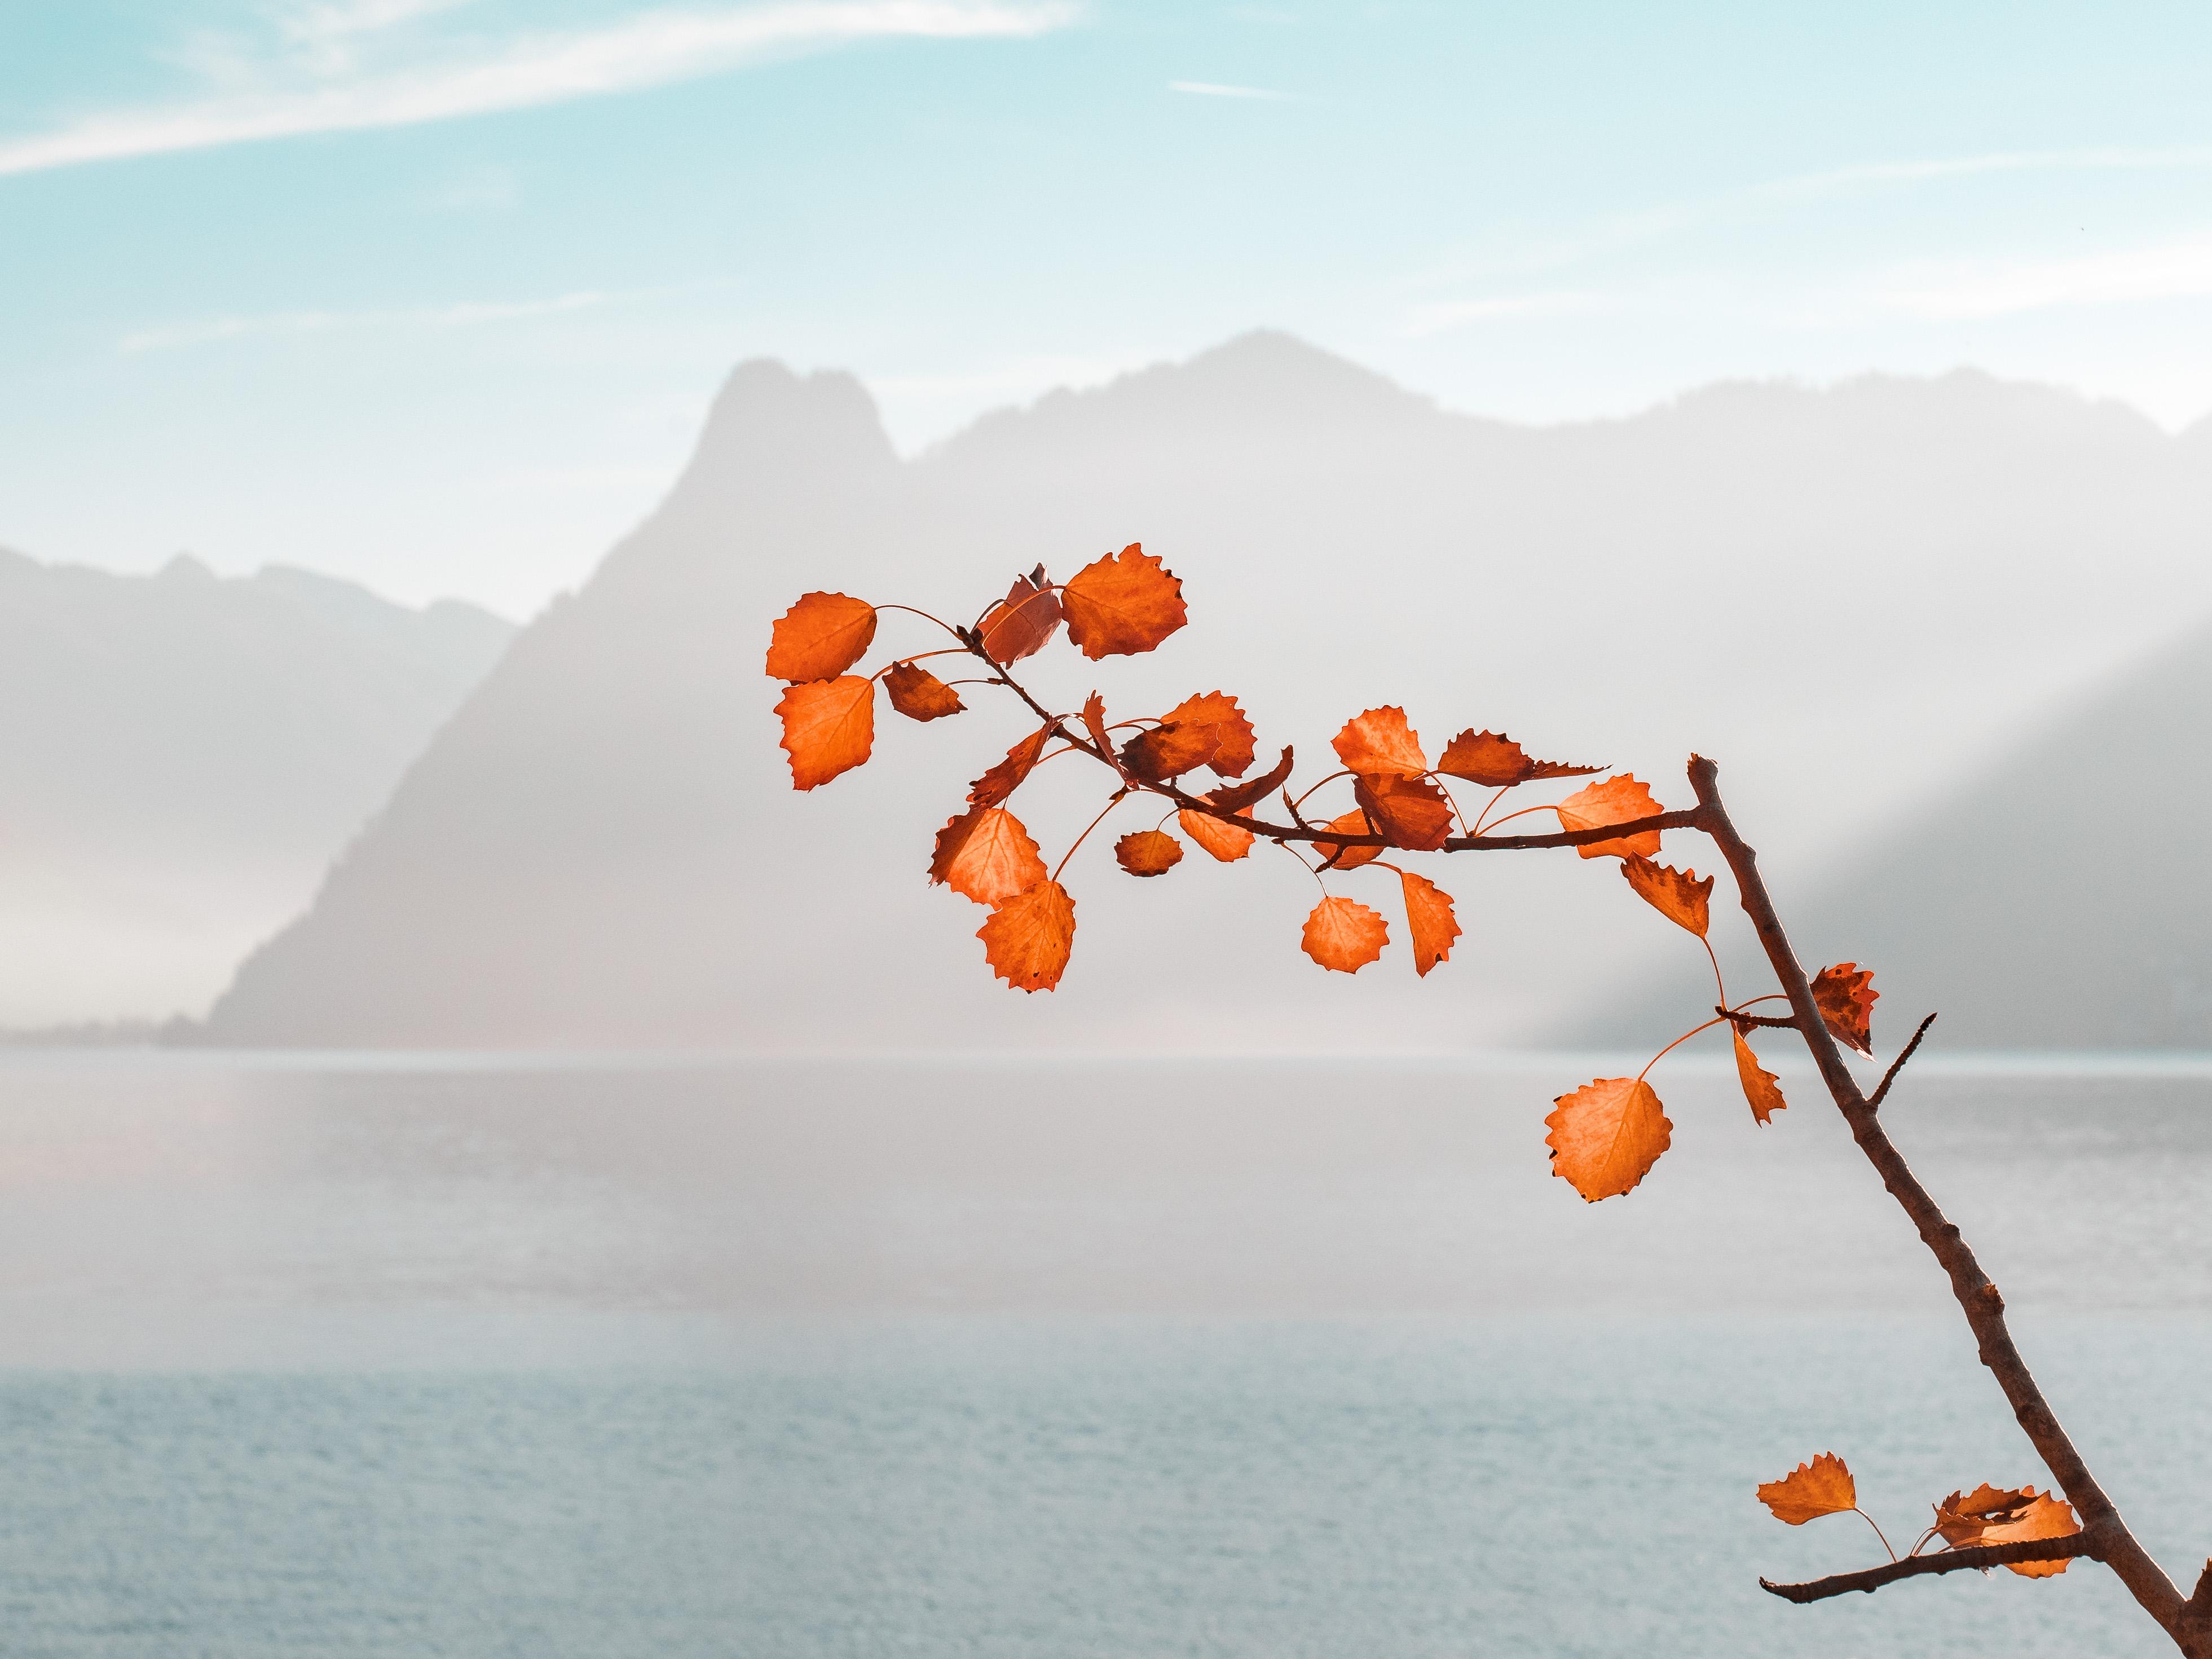 Colorful autumn leaves. photo